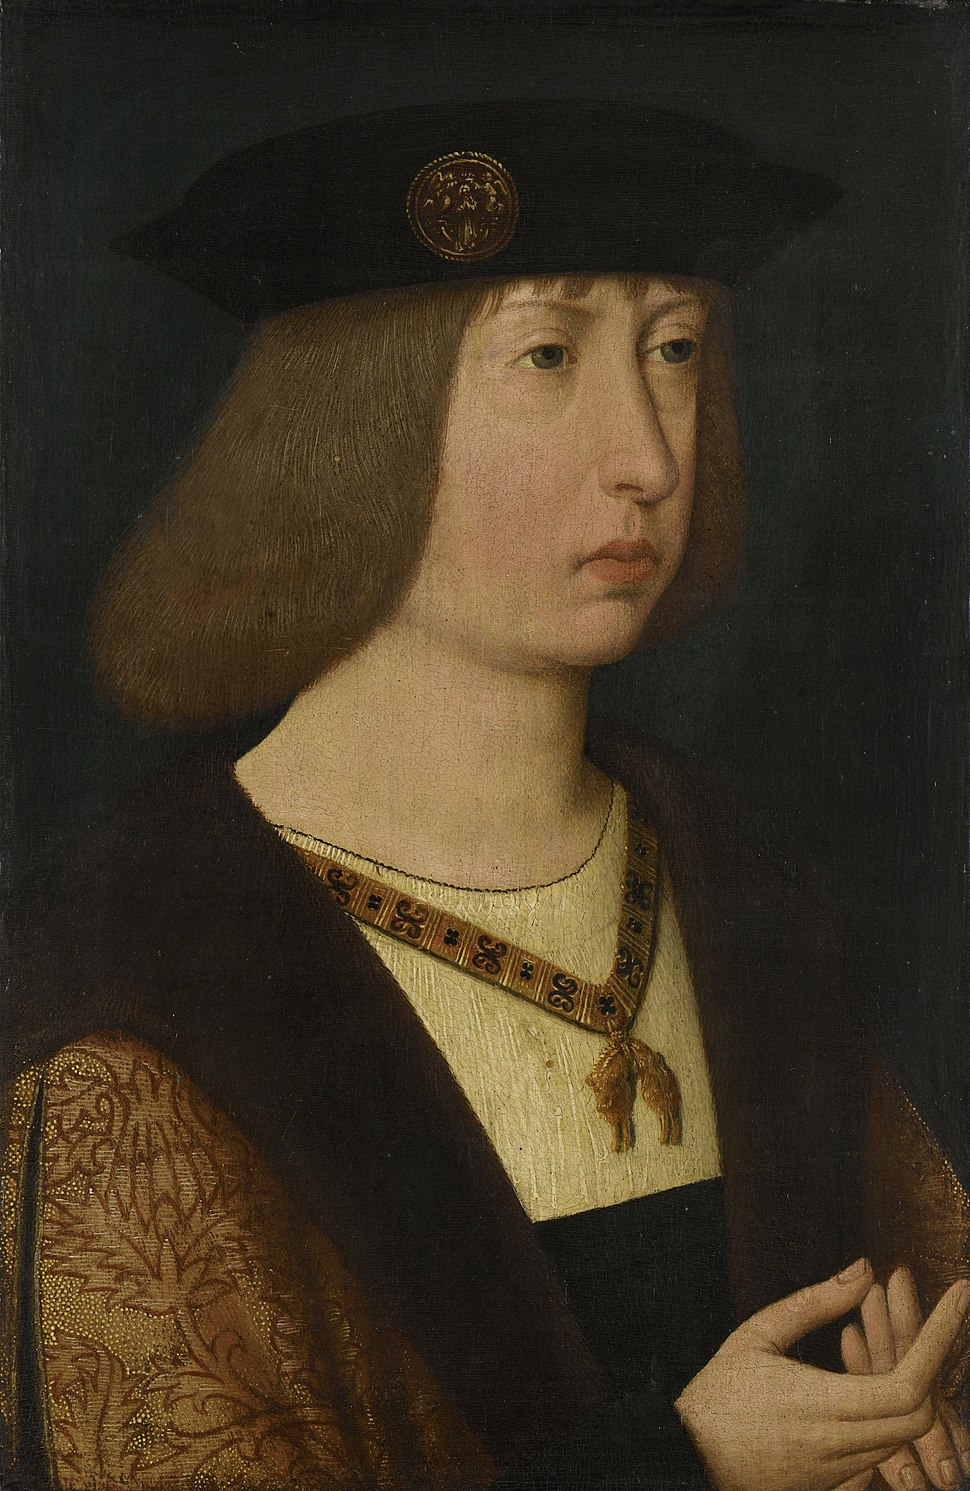 16e eeuw onbekend schilder - Filips de Schone, Aartshertog van Oostenrijk, Hertog van Bourgondie